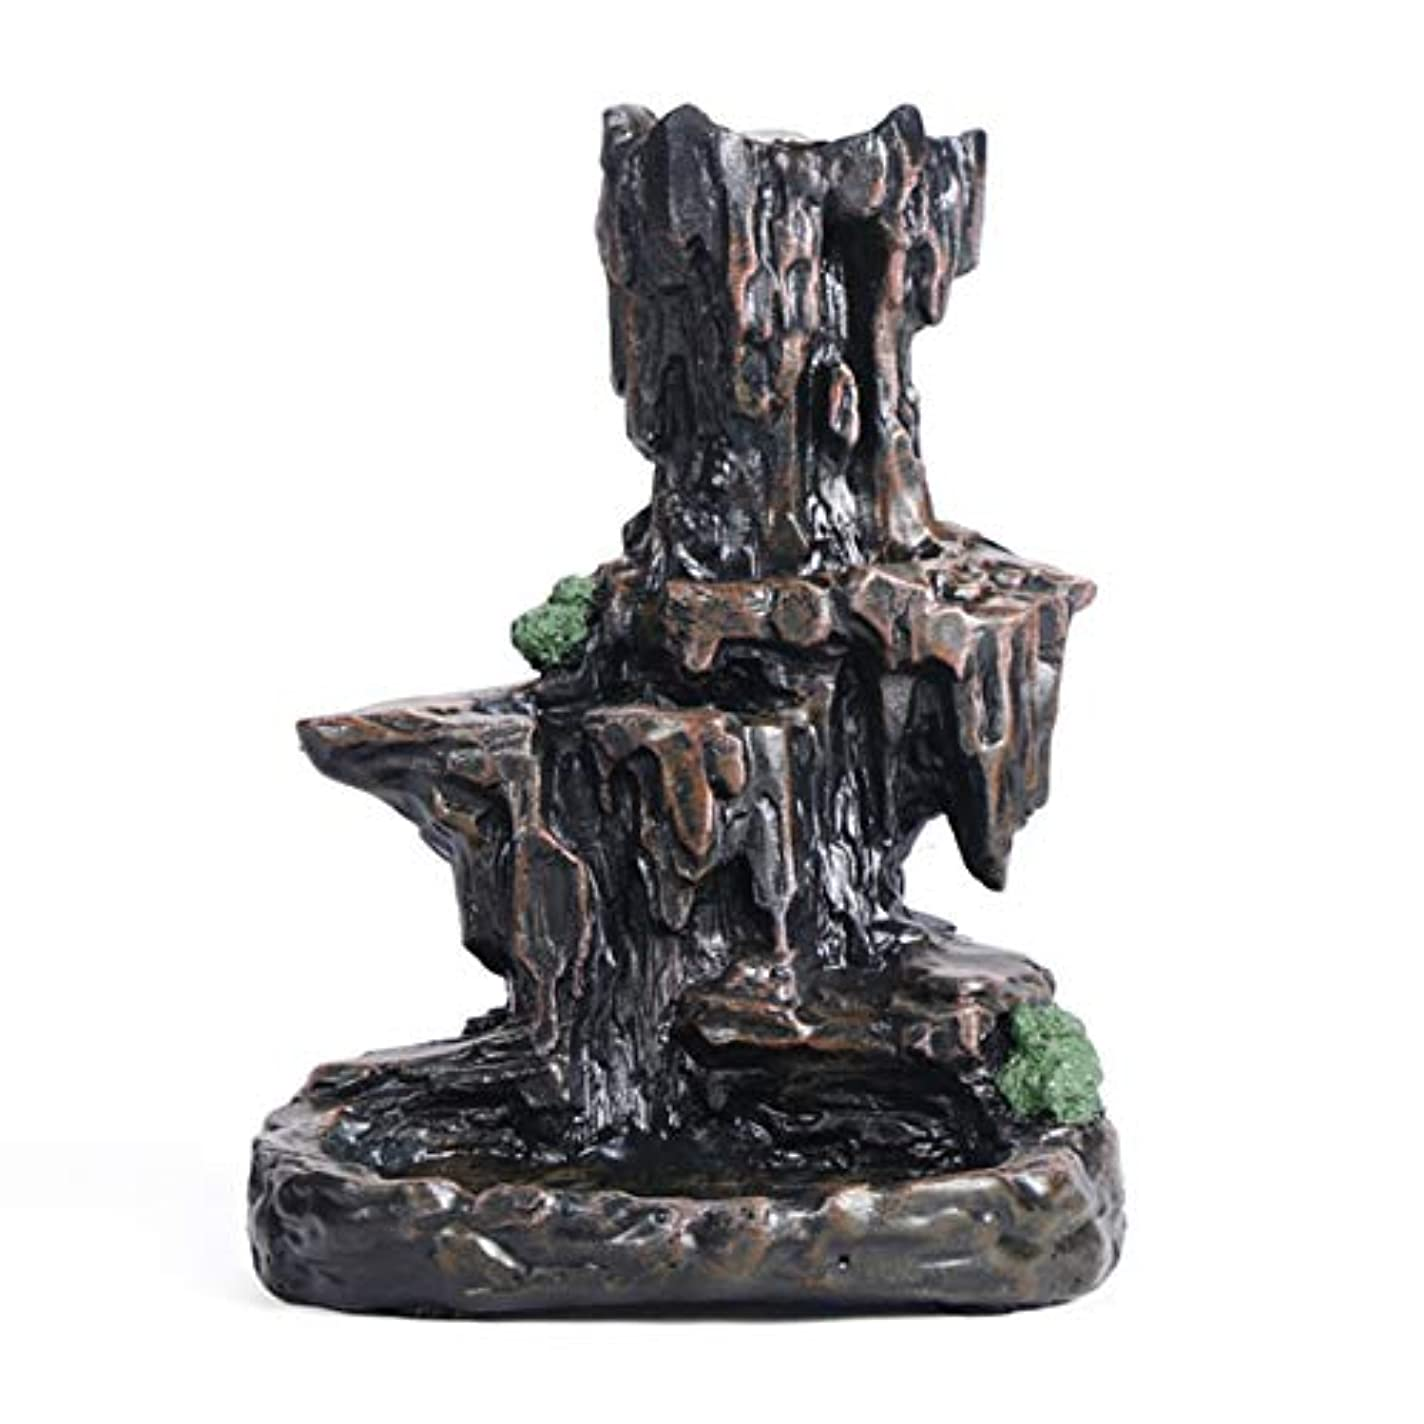 合理的クリップ兵隊逆流香バーナー香スティックコイルホルダーRockeryマウンテンストリーム香りの香炉の装飾